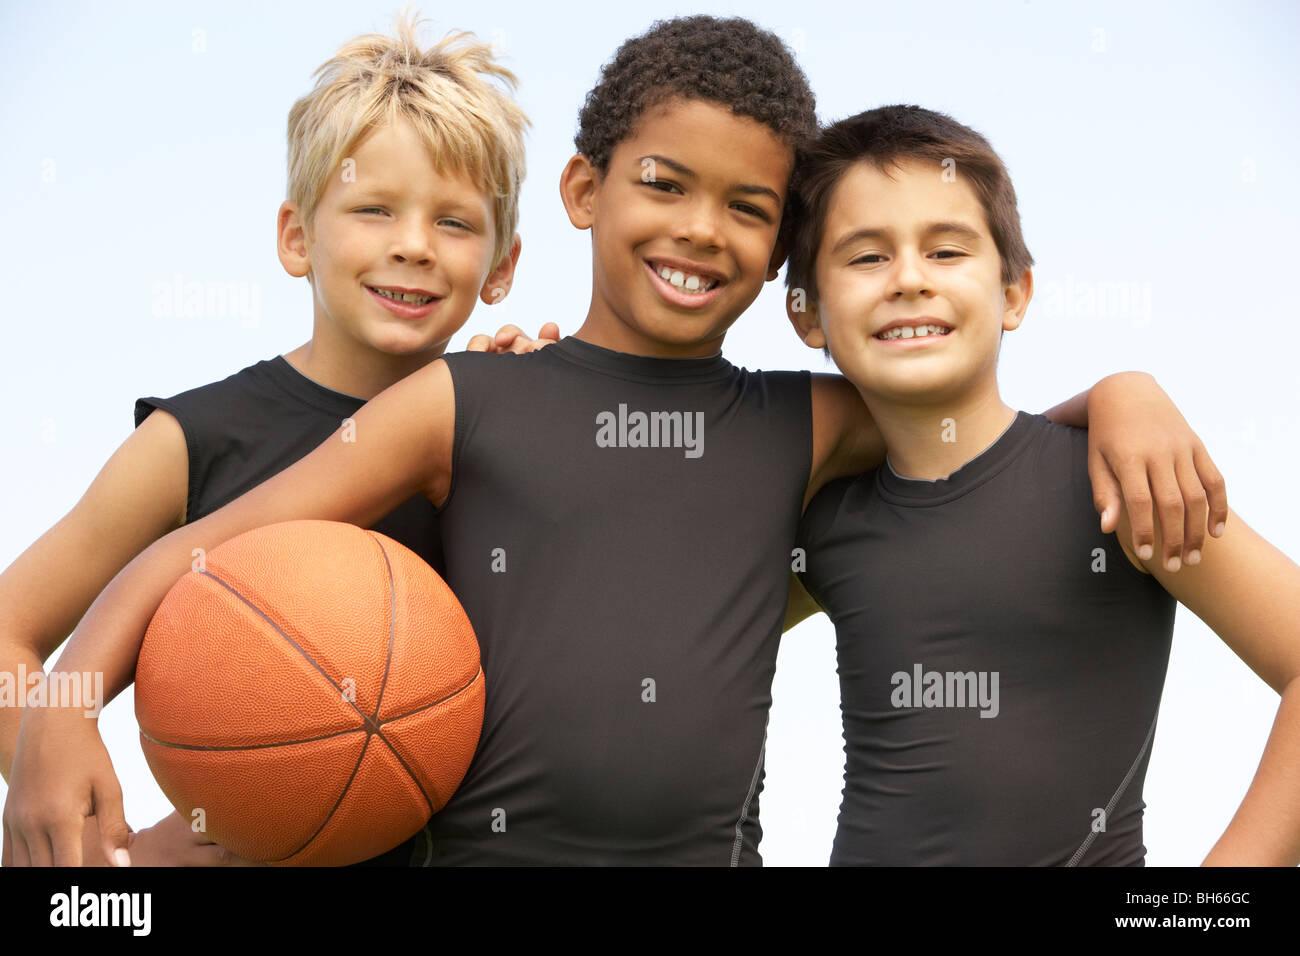 Los muchachos en el equipo de baloncesto Imagen De Stock